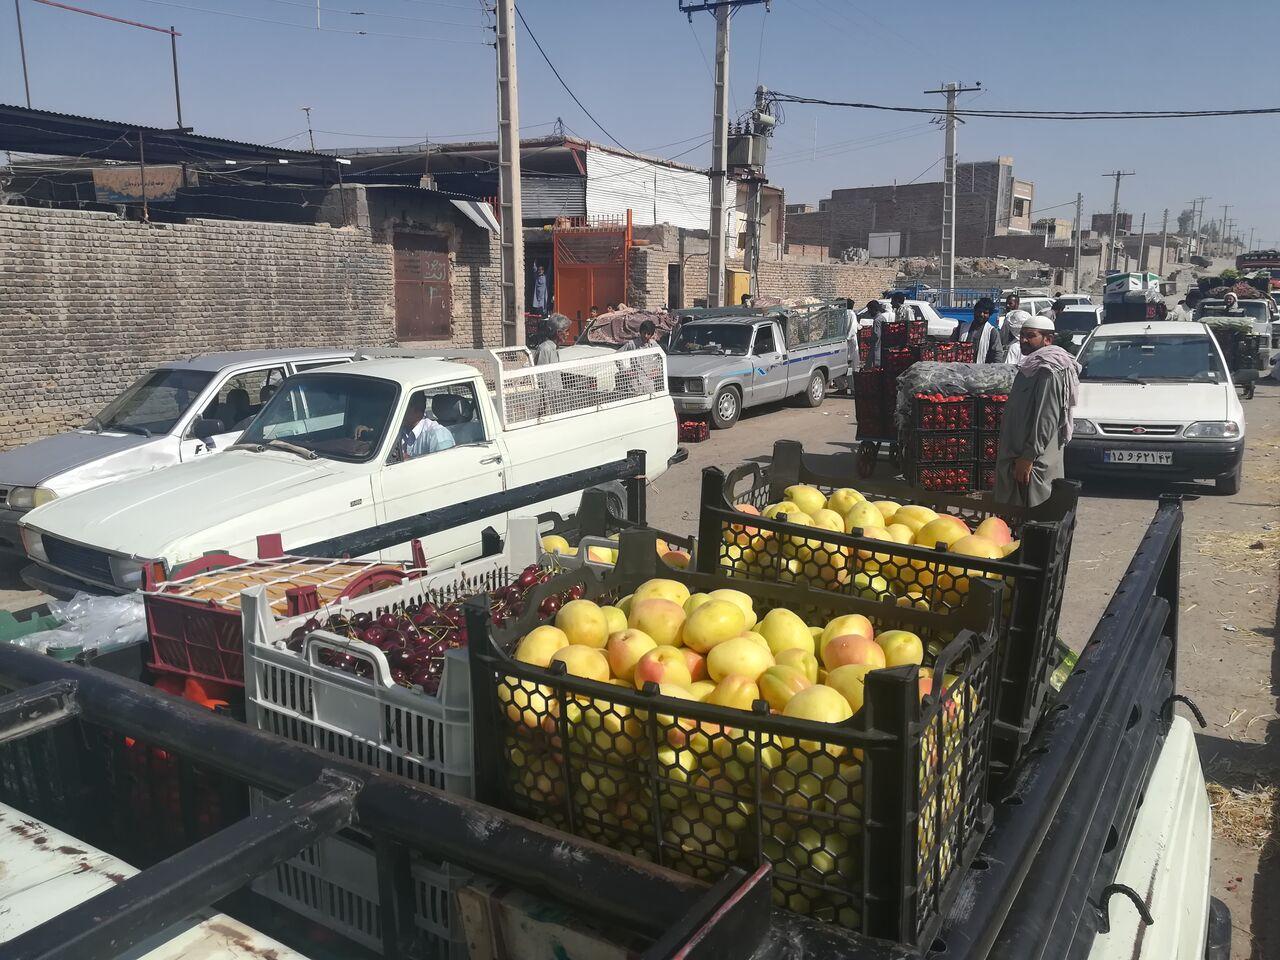 ارائه فاکتور به خریداران میوه و تره بار در ایرانشهر ضروری است